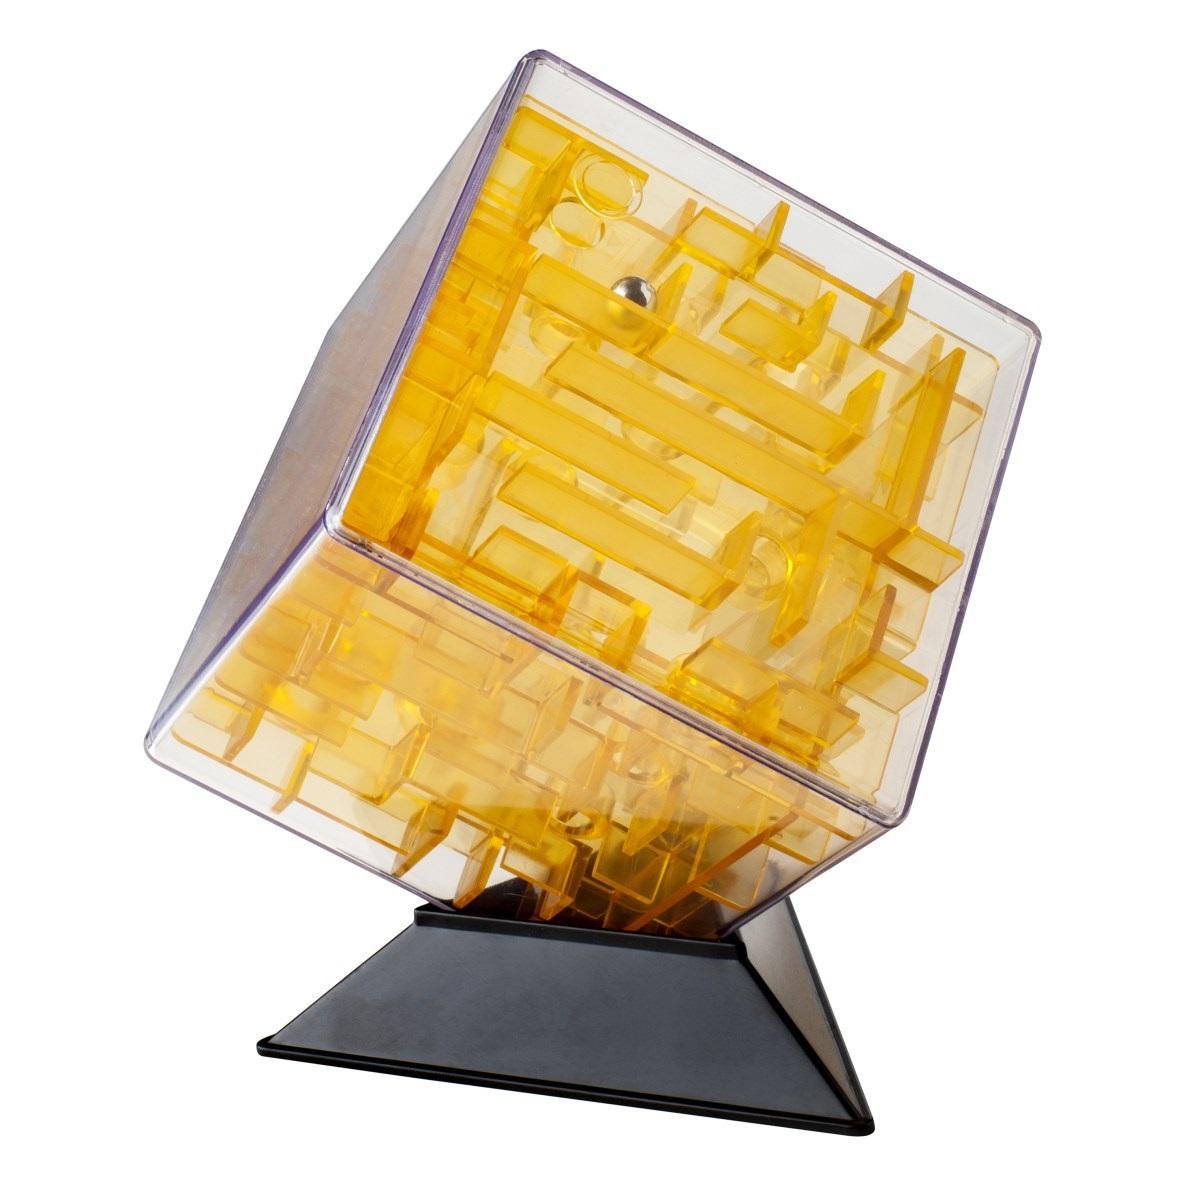 Куб-лабиринт Лабиринтус (10 см) (желтый)Представляем вашему вниманию куб-лабиринт Лабиринтус, лабиринт из различных дорожек в прозрачном кубе, который ведет к цели металлический шарик, путем вращения прозрачной сферы в руках.<br>